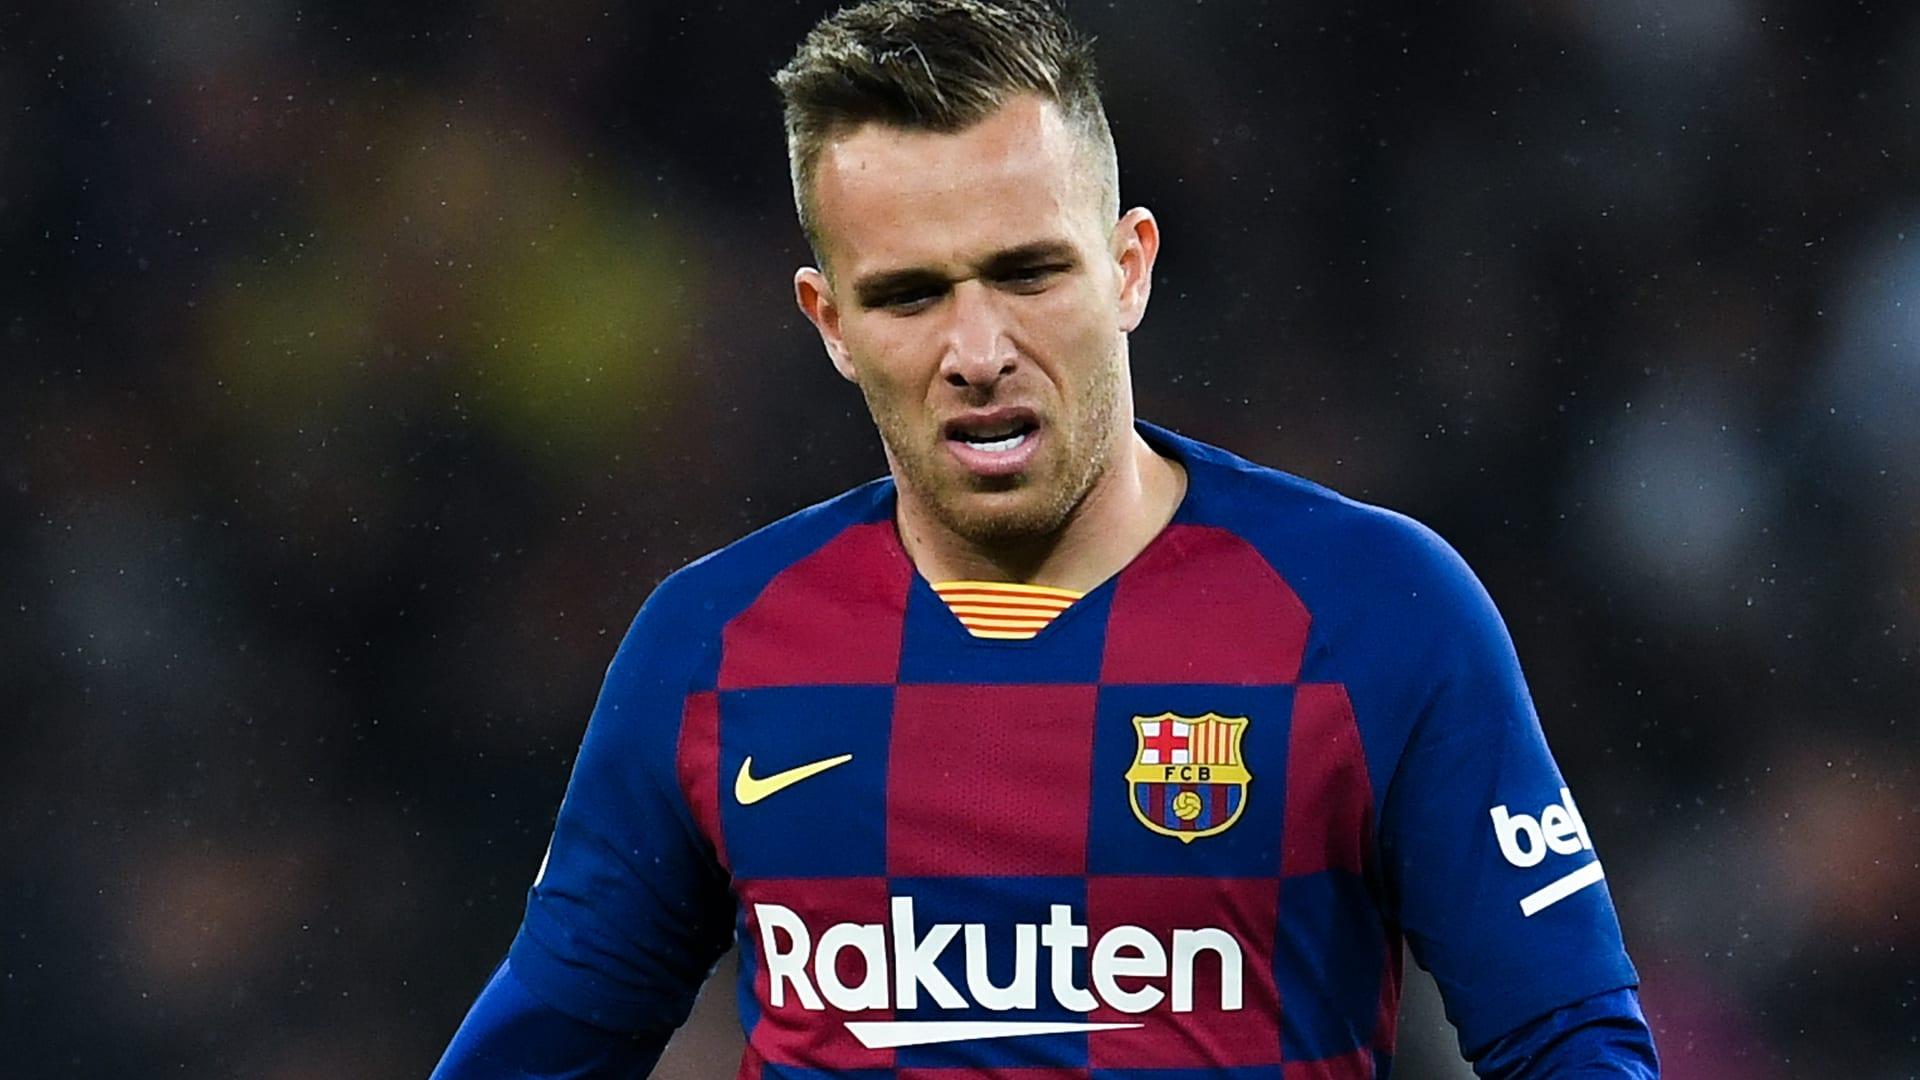 برشلونة يُعلن إتمام الصفقة المثيرة للجدل بقدوم بيانيتش ورحيل أرتور.. فما التفاصيل؟